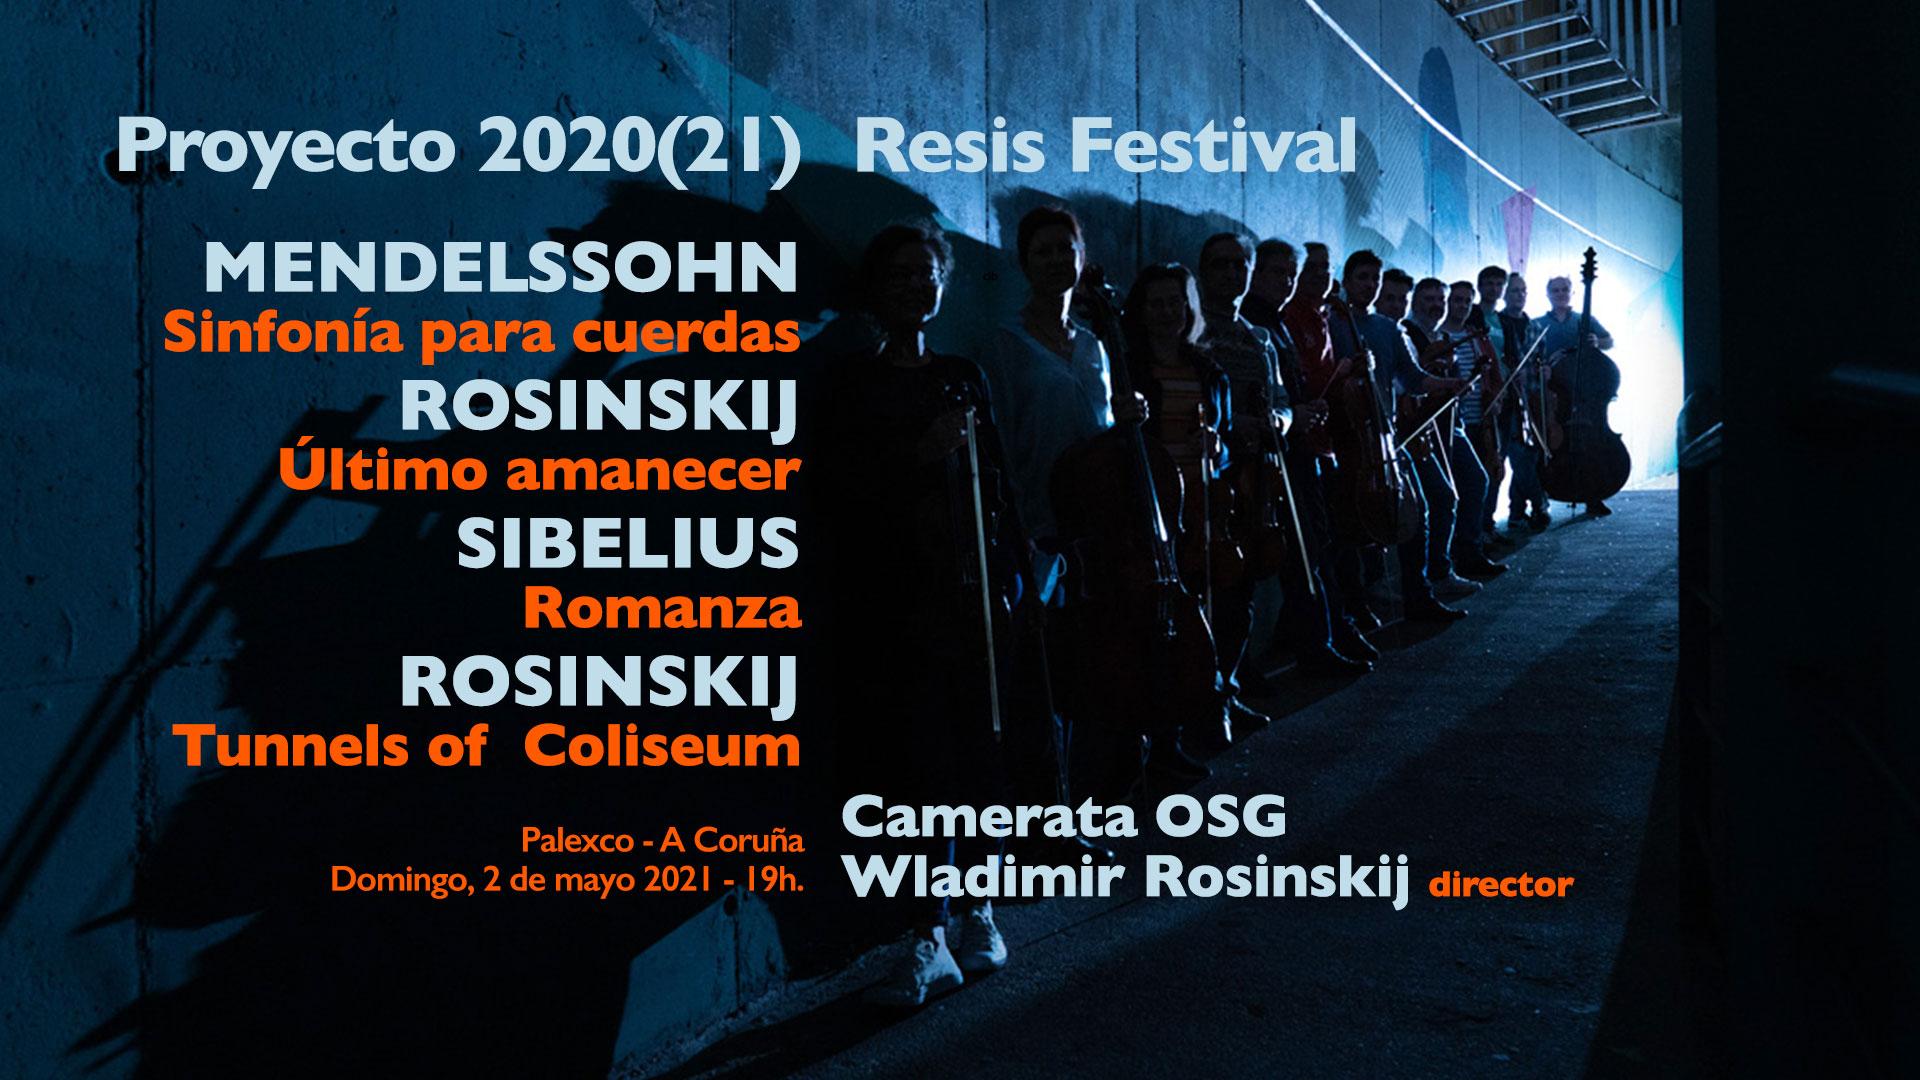 Proyecto 2020(21) Resis Festival - Camerata OSG